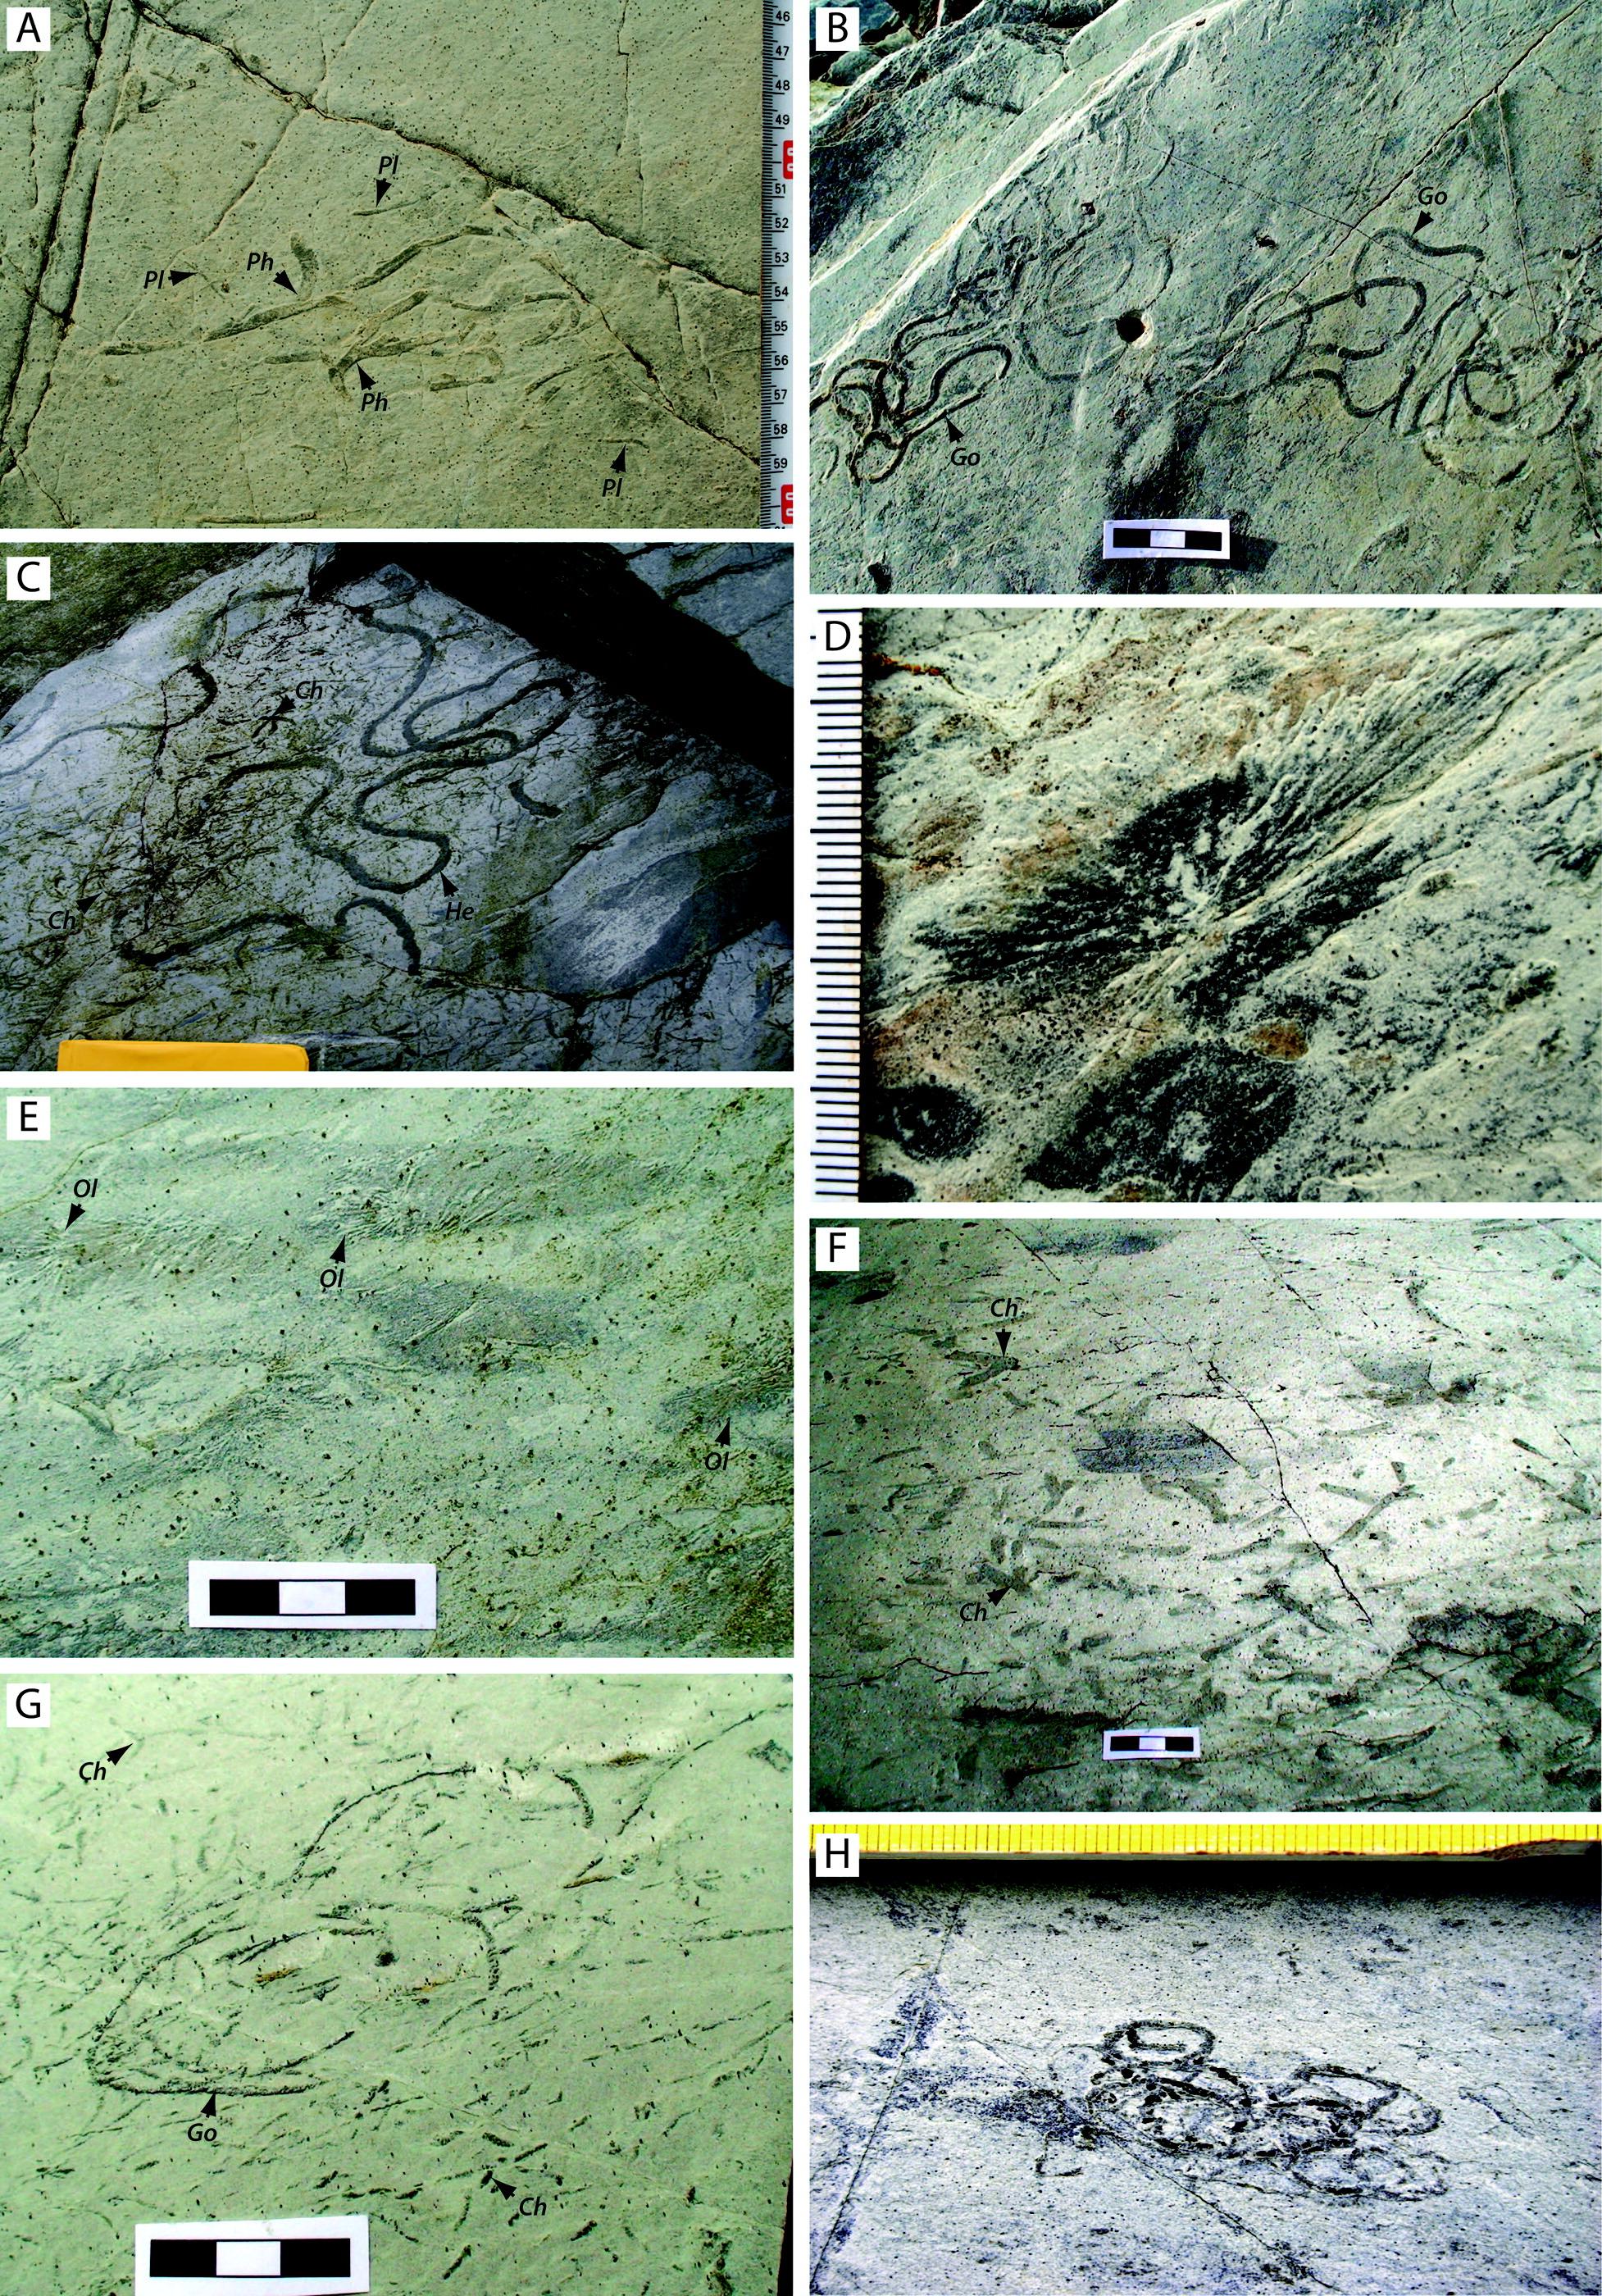 helminthopsis ás)